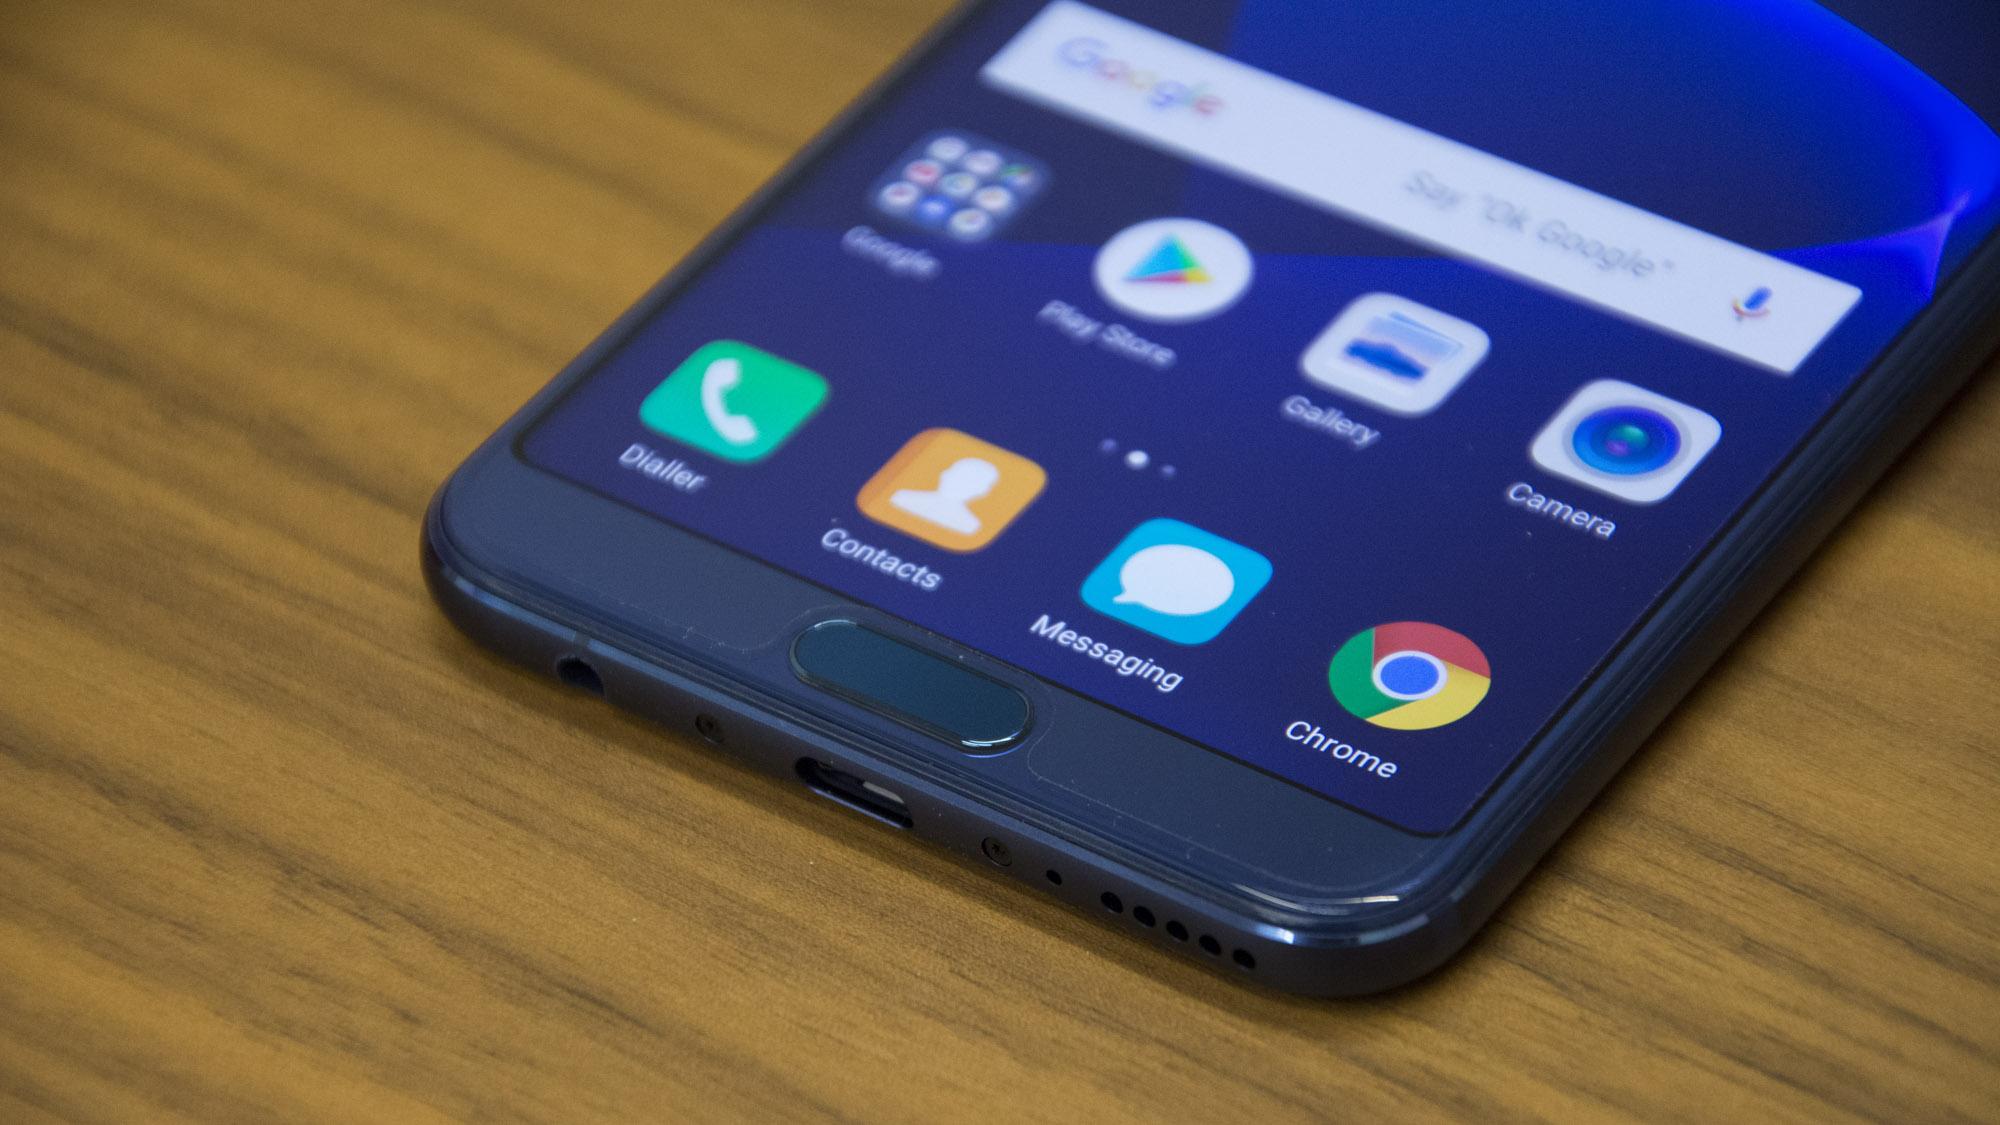 Imagem de Notch na tela e cores psicodélicas: saiba mais sobre o Honor 10 da Huawei no tecmundo